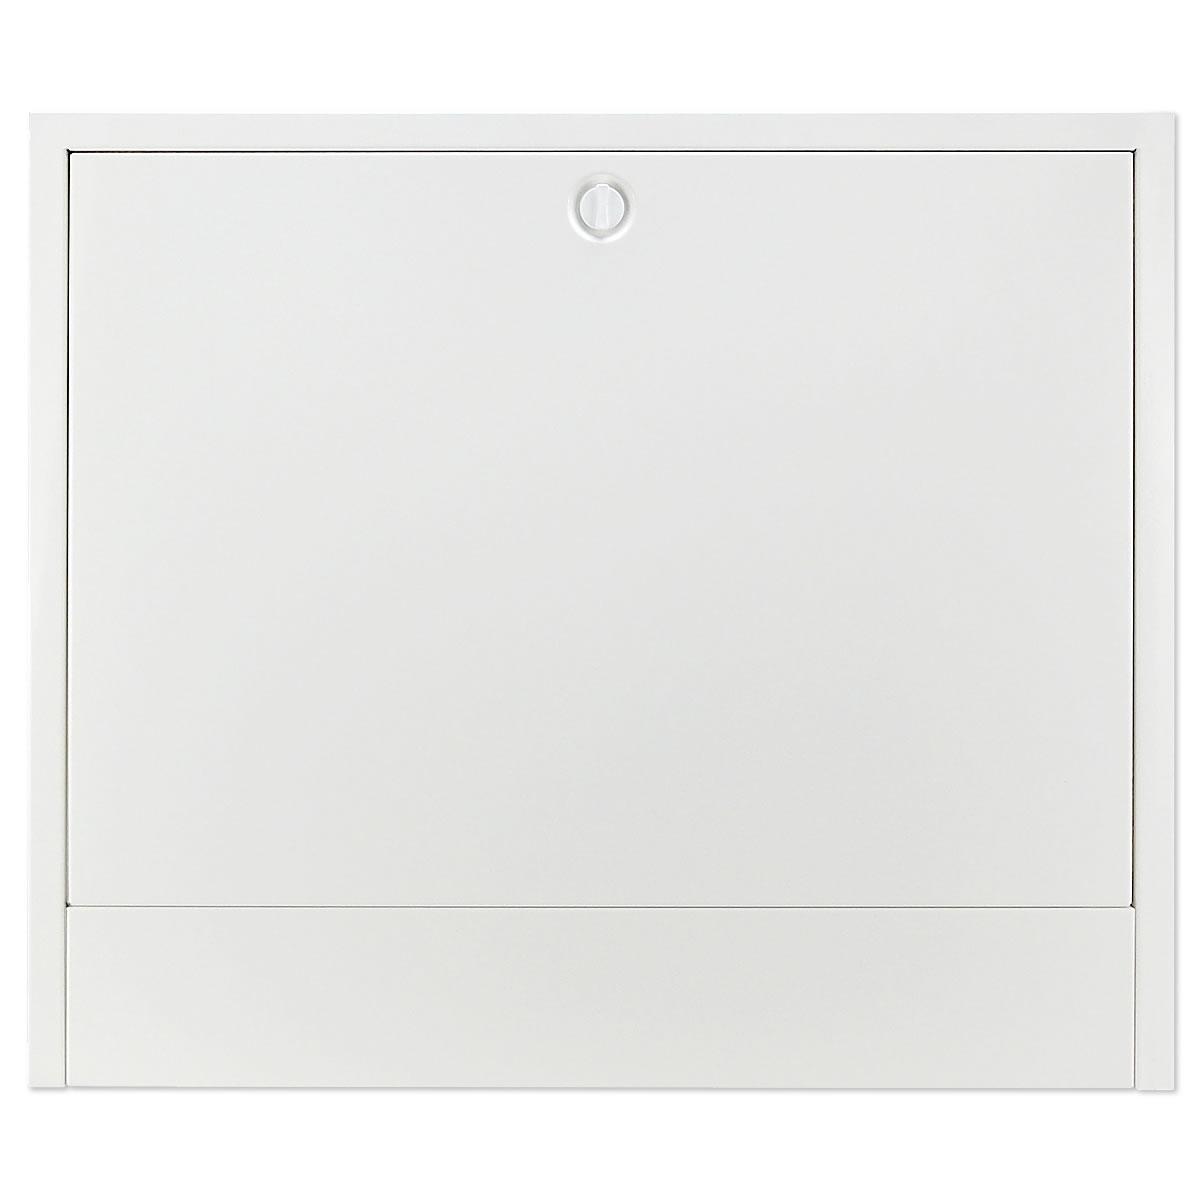 aufputz verteilerschrank farbe wei f r 6 8 heizkreise heizung. Black Bedroom Furniture Sets. Home Design Ideas